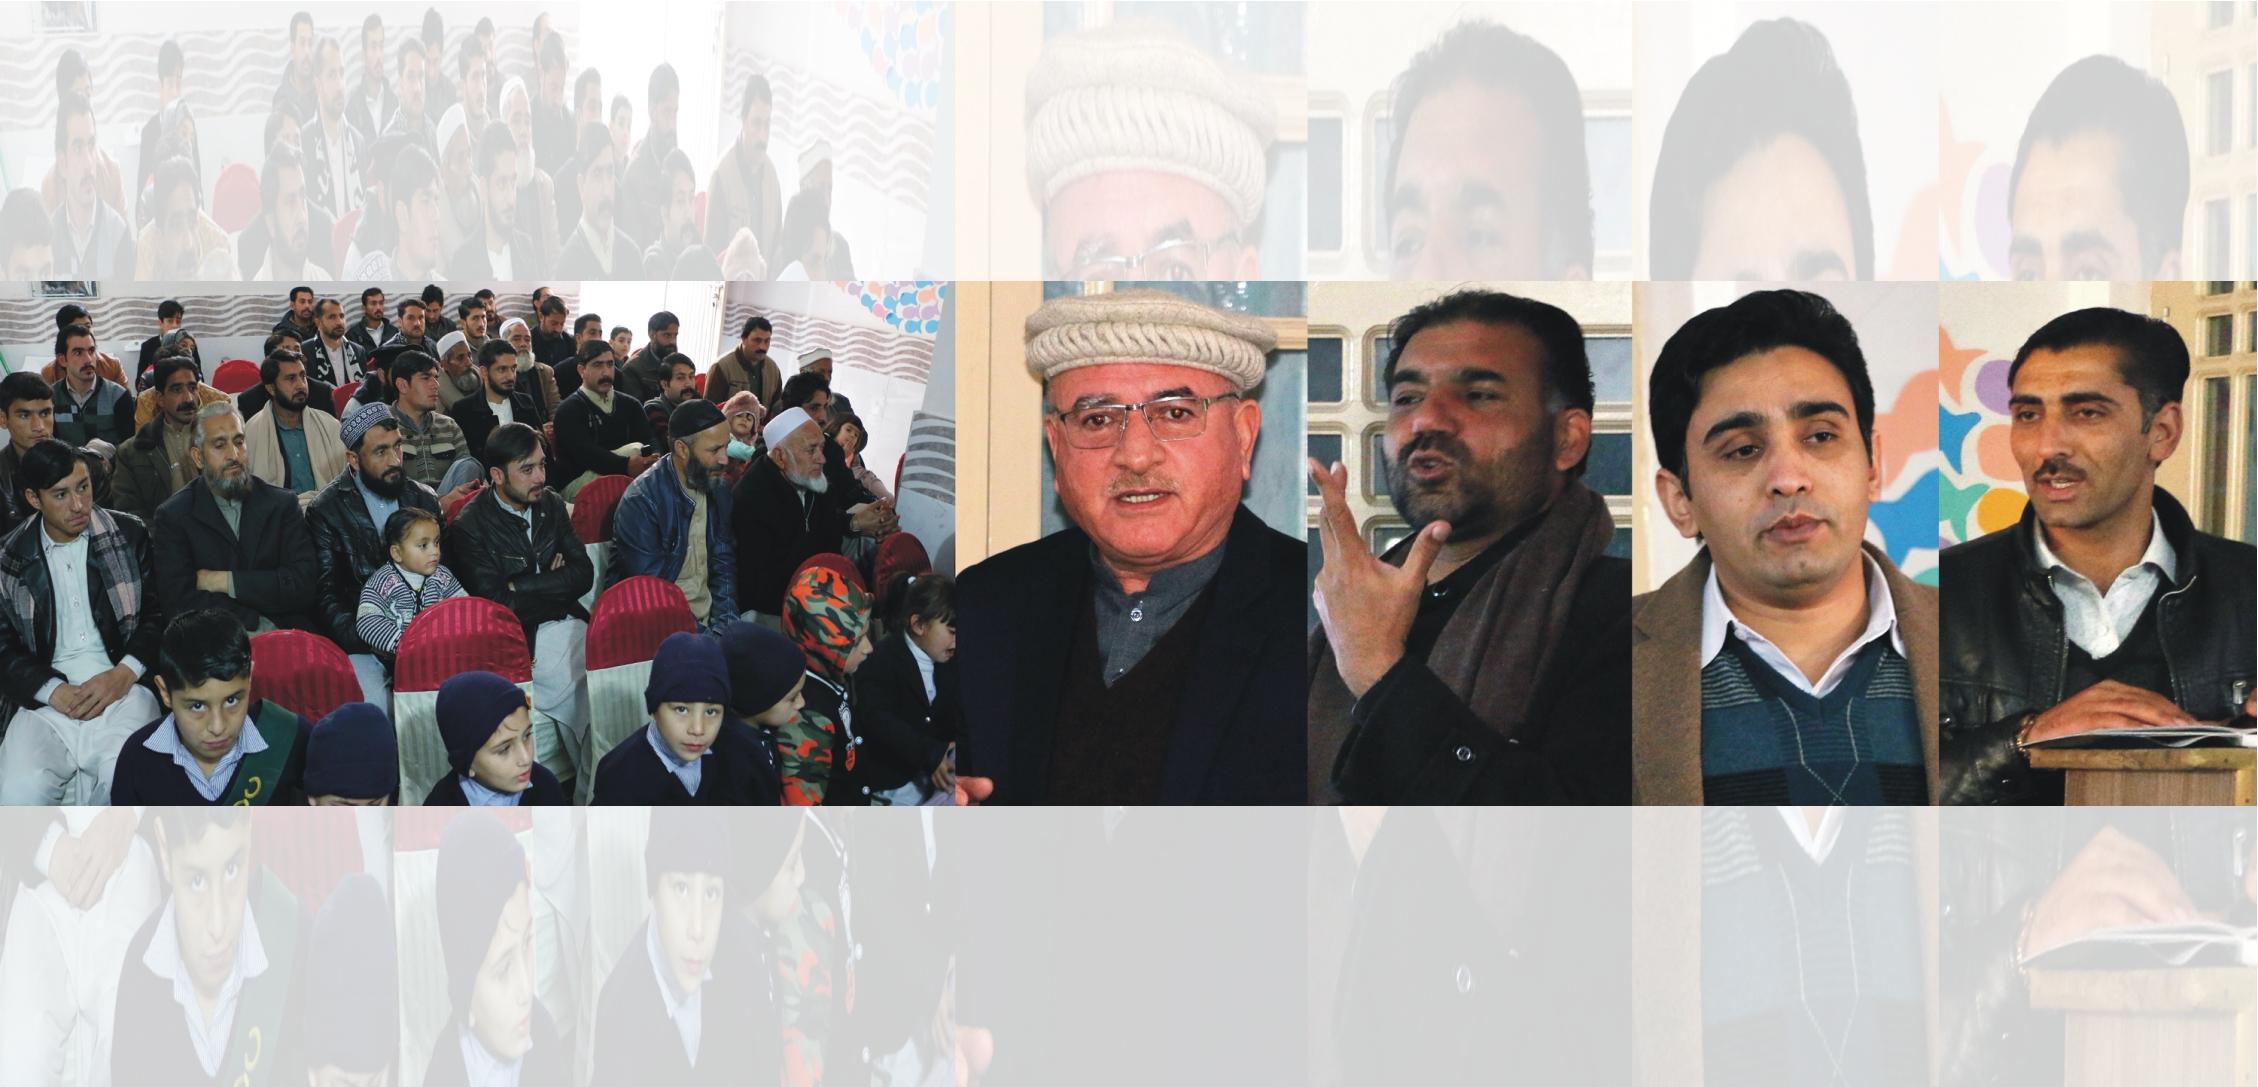 پاکستان برینیاک سکول سیدوشریف میں سا لانہ تقریب تقسیم انعامات کا انعقاد کیا گیا